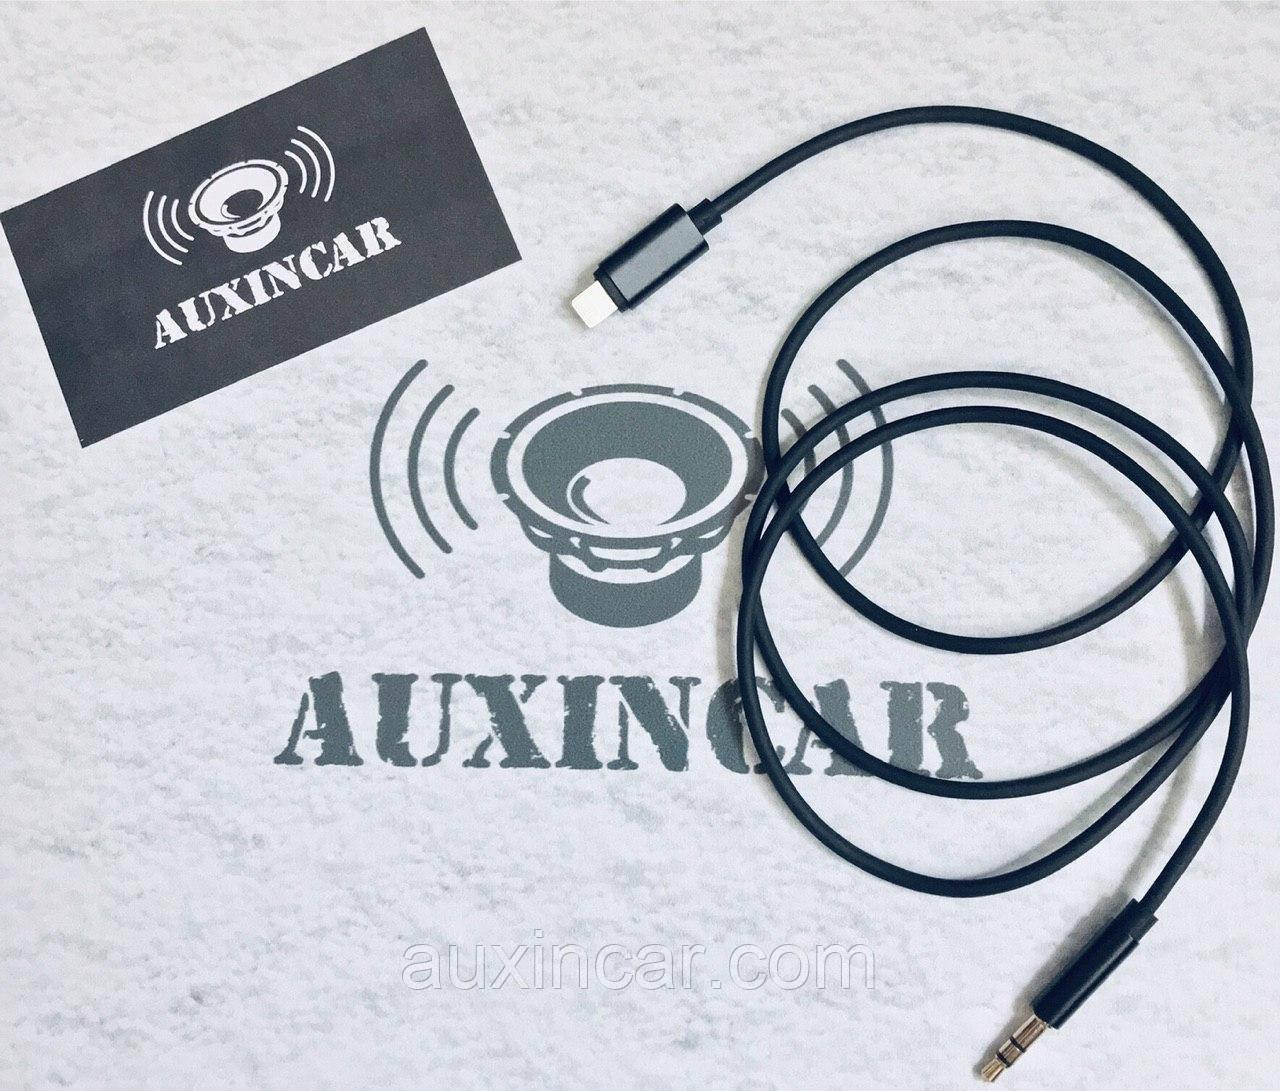 Aux + lighting Iphone универсальный для адаптеров Yatour, DMC, Wefa